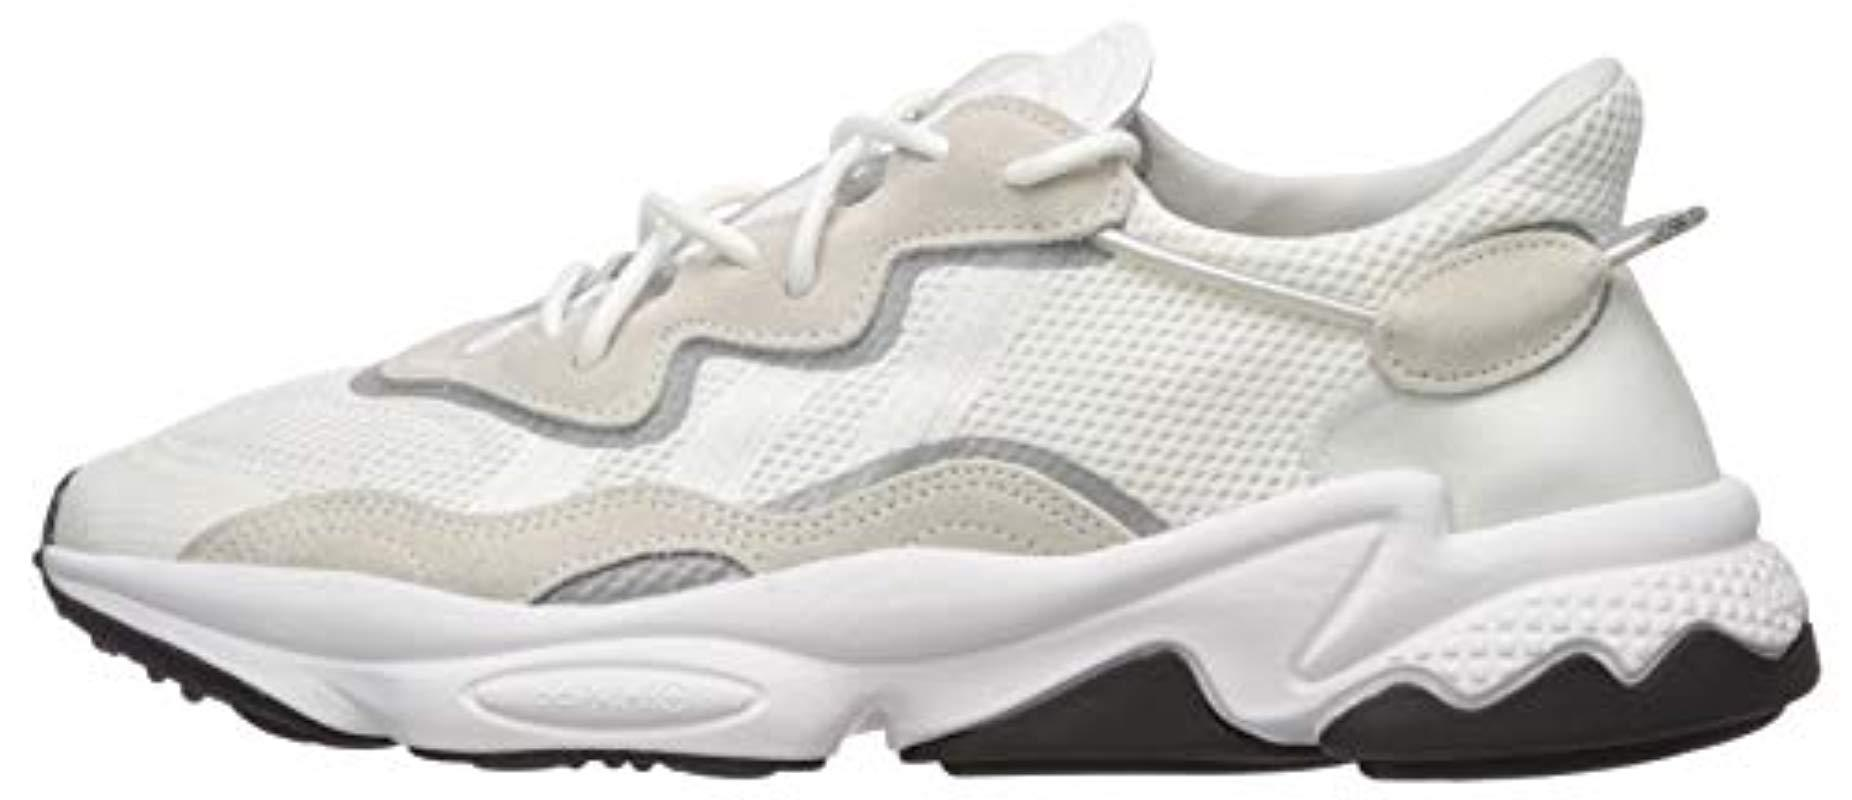 Ozweego Sneaker, Ftwr White/ftwr White/core Black, 8 M Us